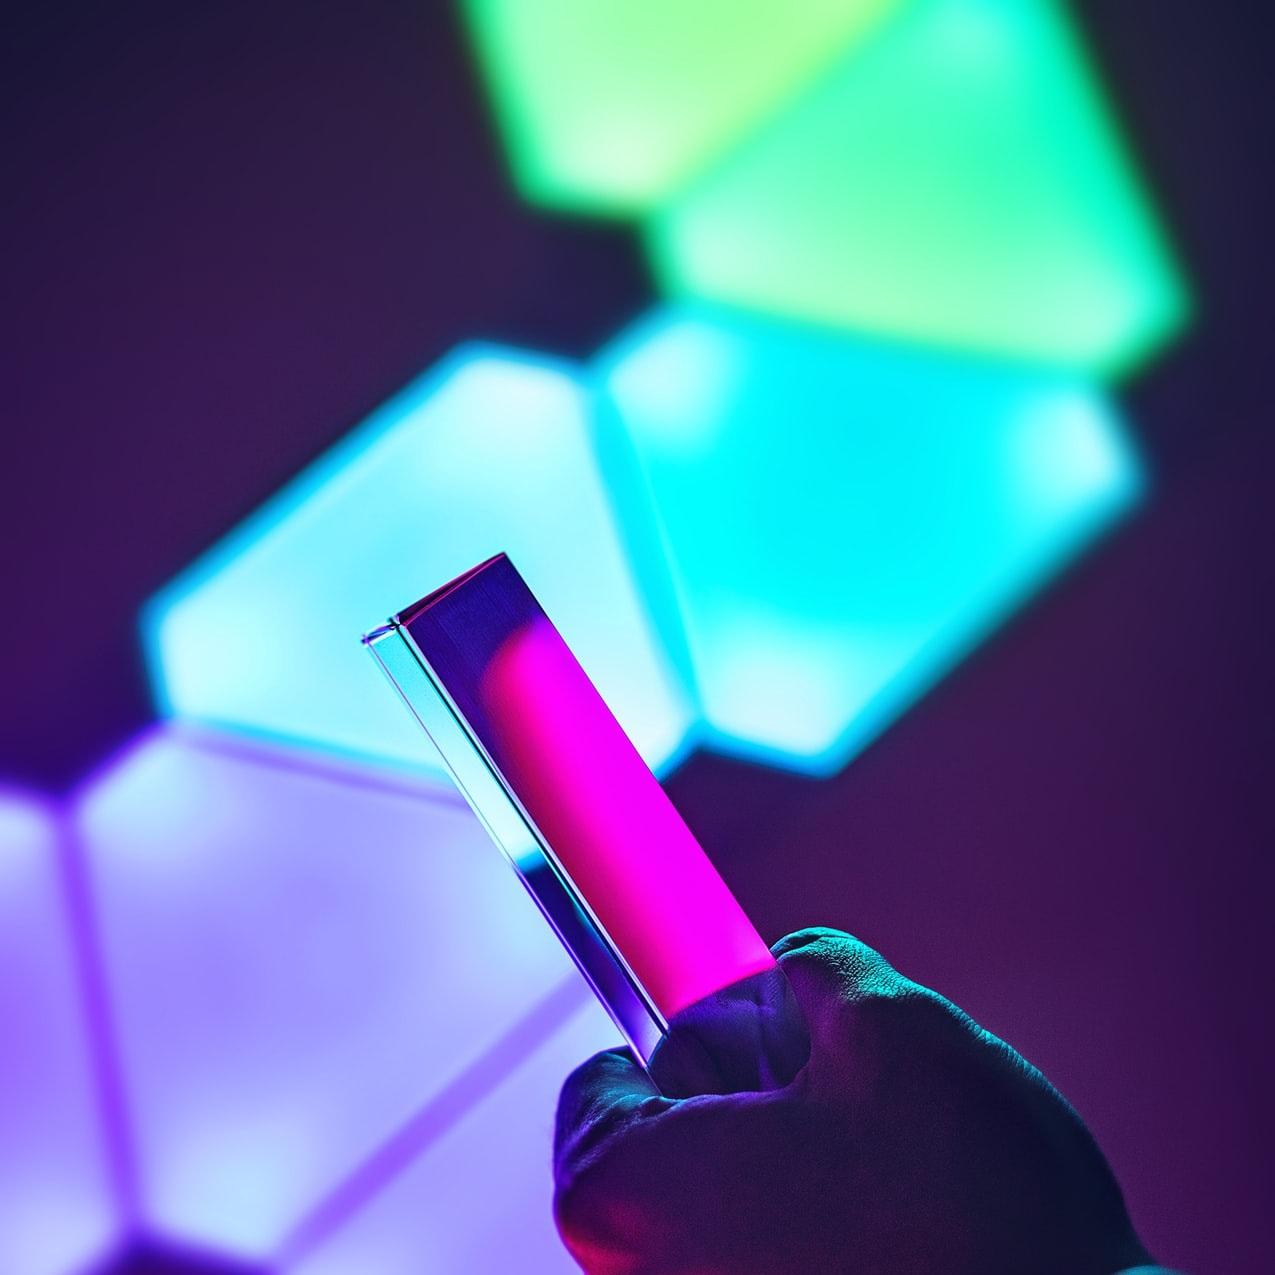 Außergewöhnliche Beleuchtung - Nanoleaf entwickelt smarte LED Beleuchtungslösungen